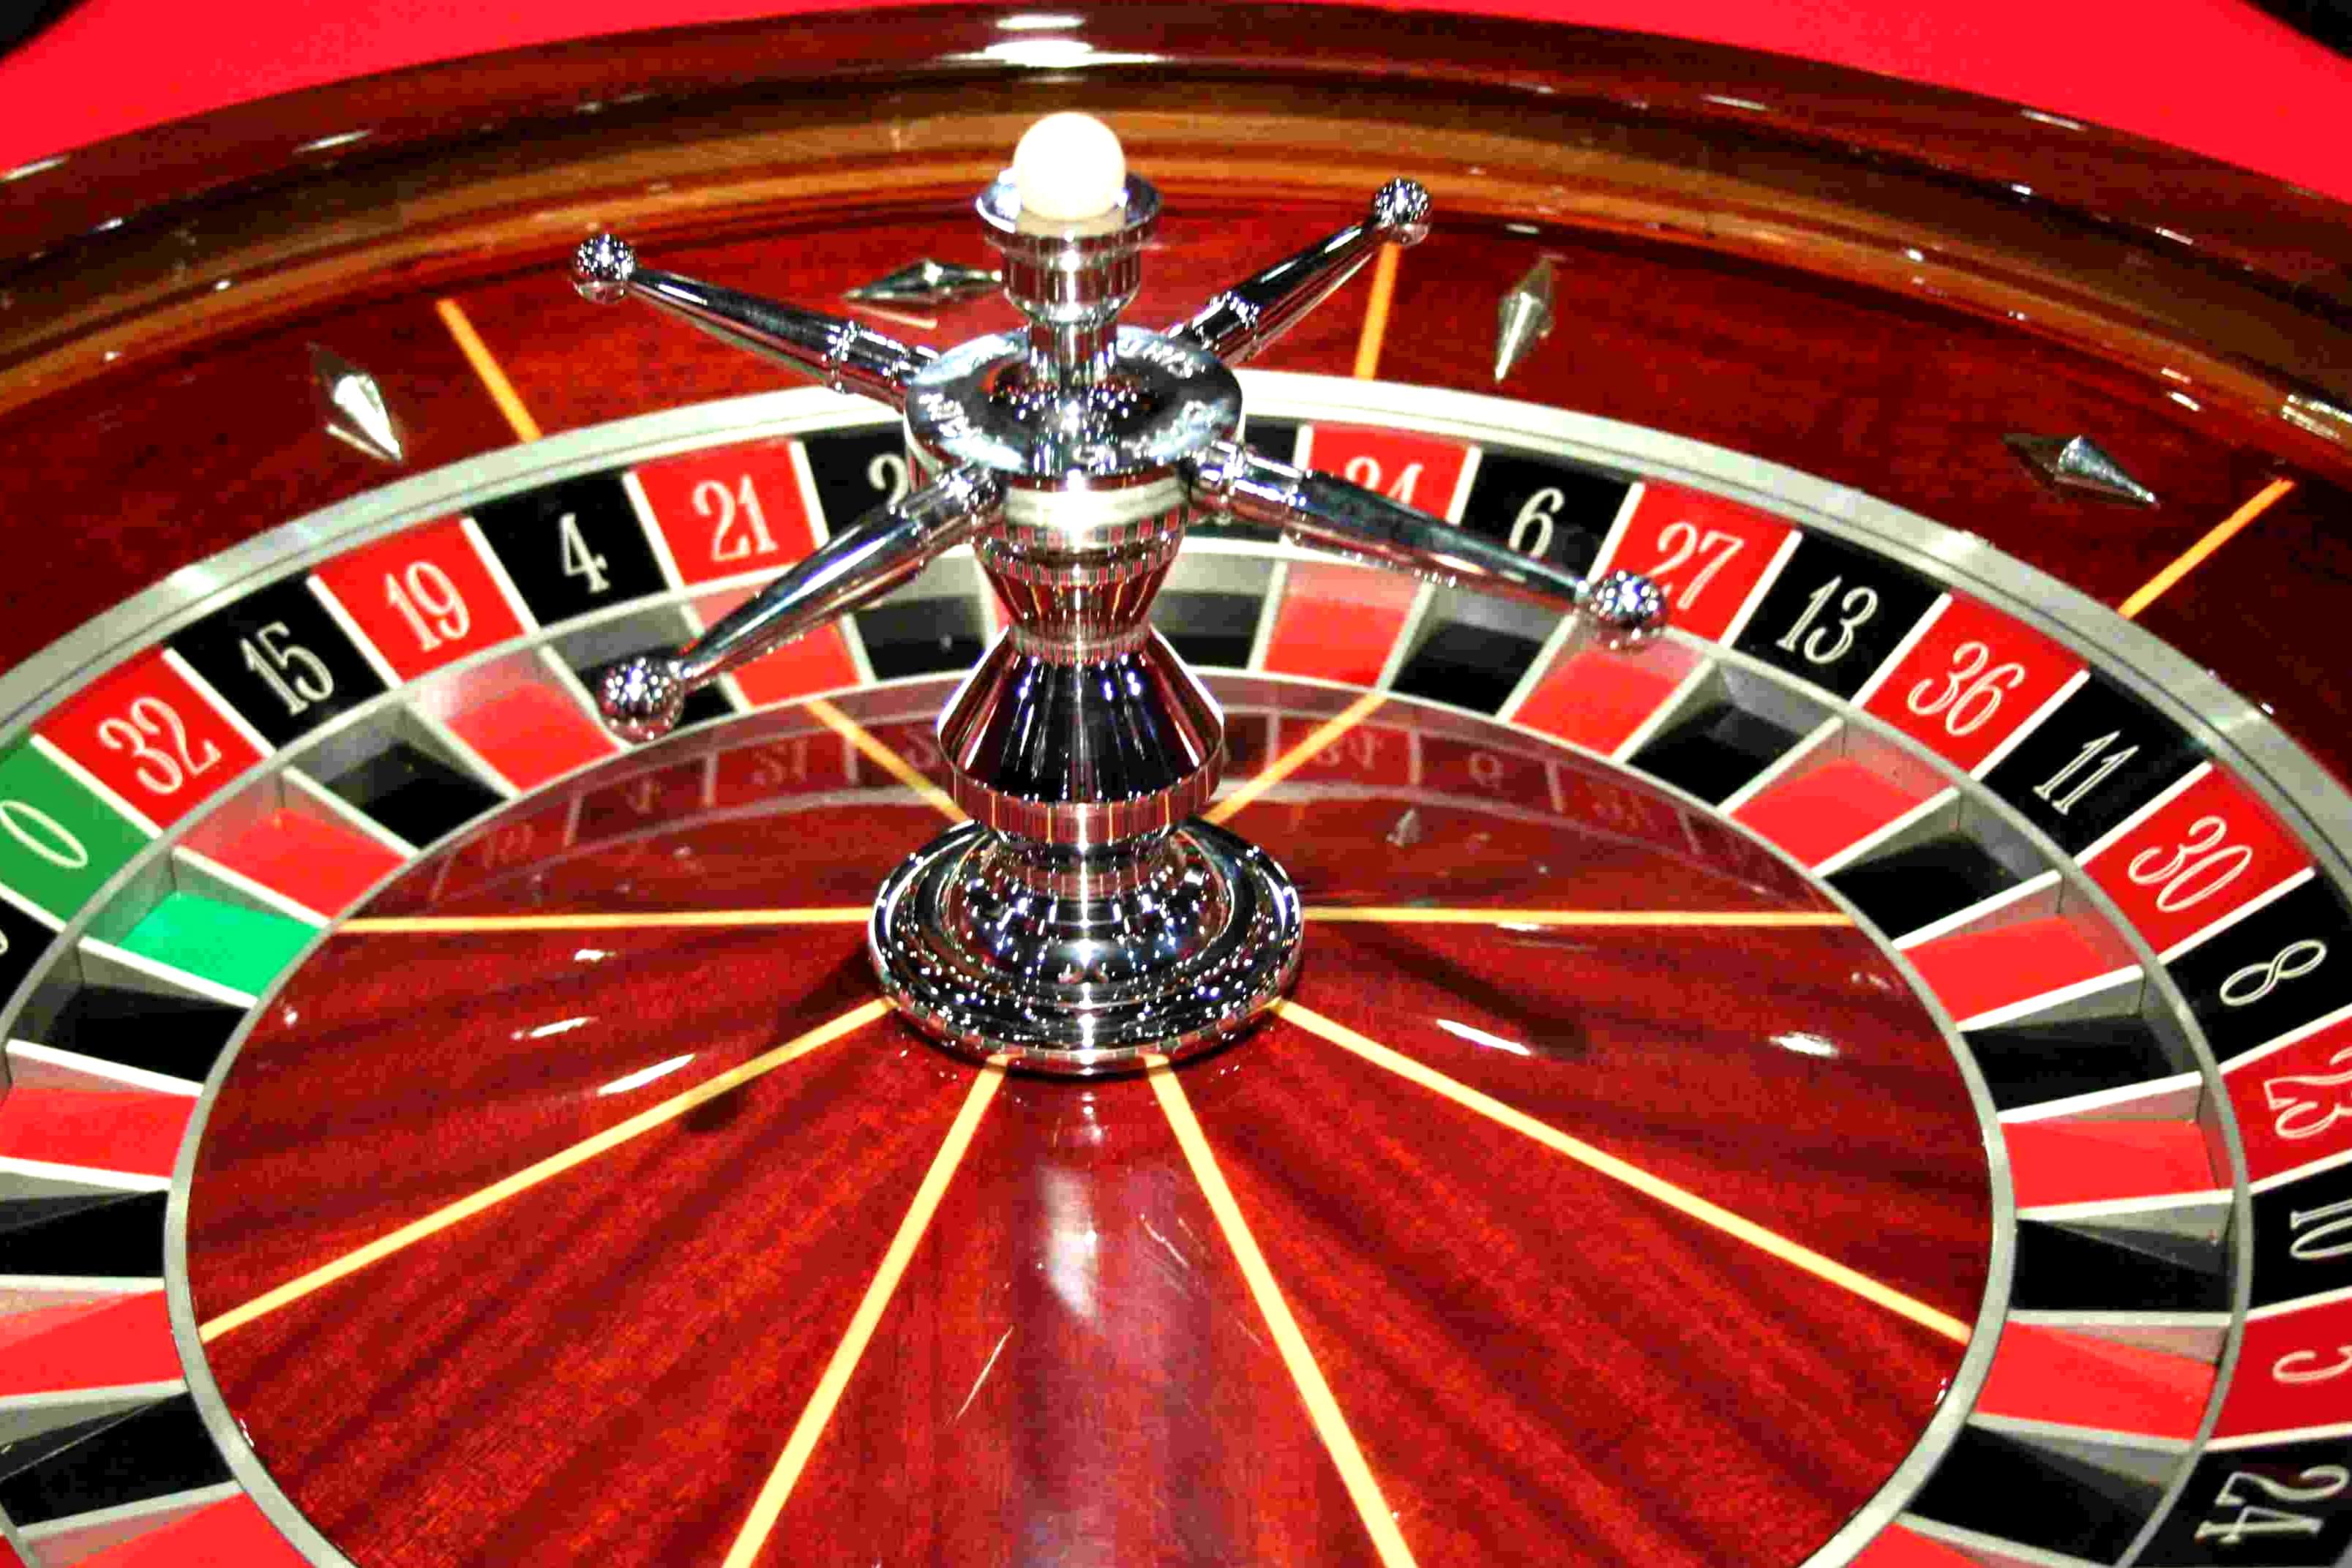 Eur 140 No deposit bonus at Atlant Casino